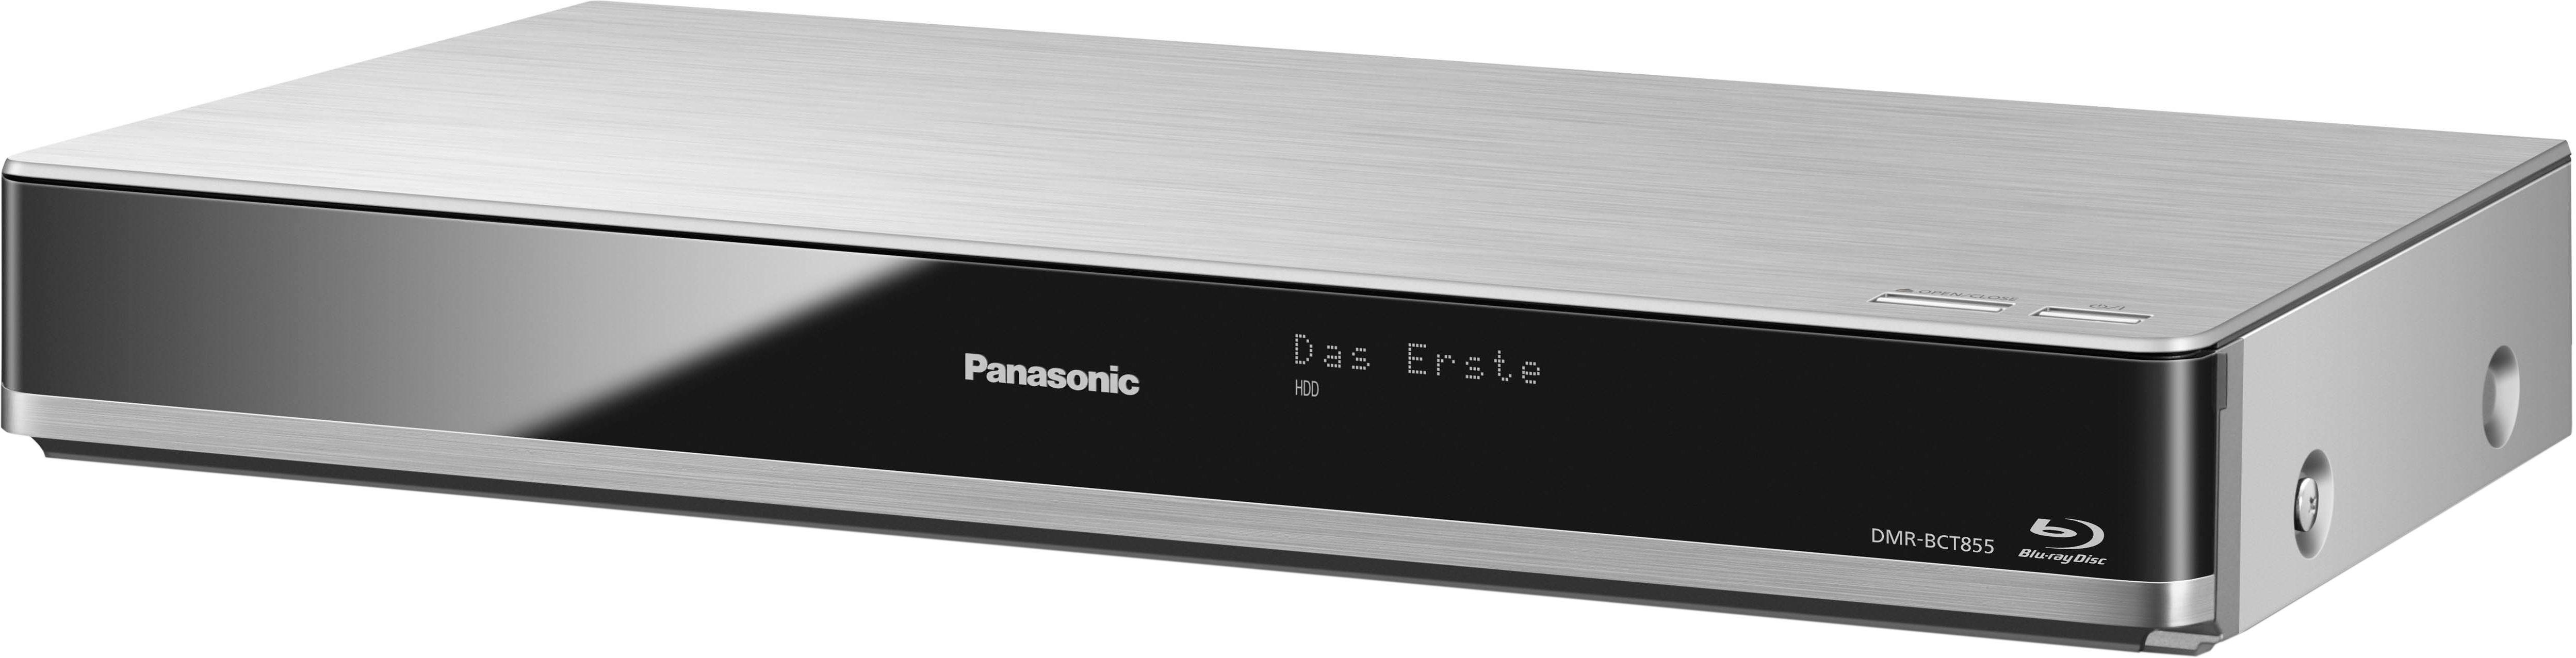 Panasonic DMR-BST855EG Blu-ray-Recorder, 3D-fähig, 4K (Ultra-HD), 1000 GB, WLAN